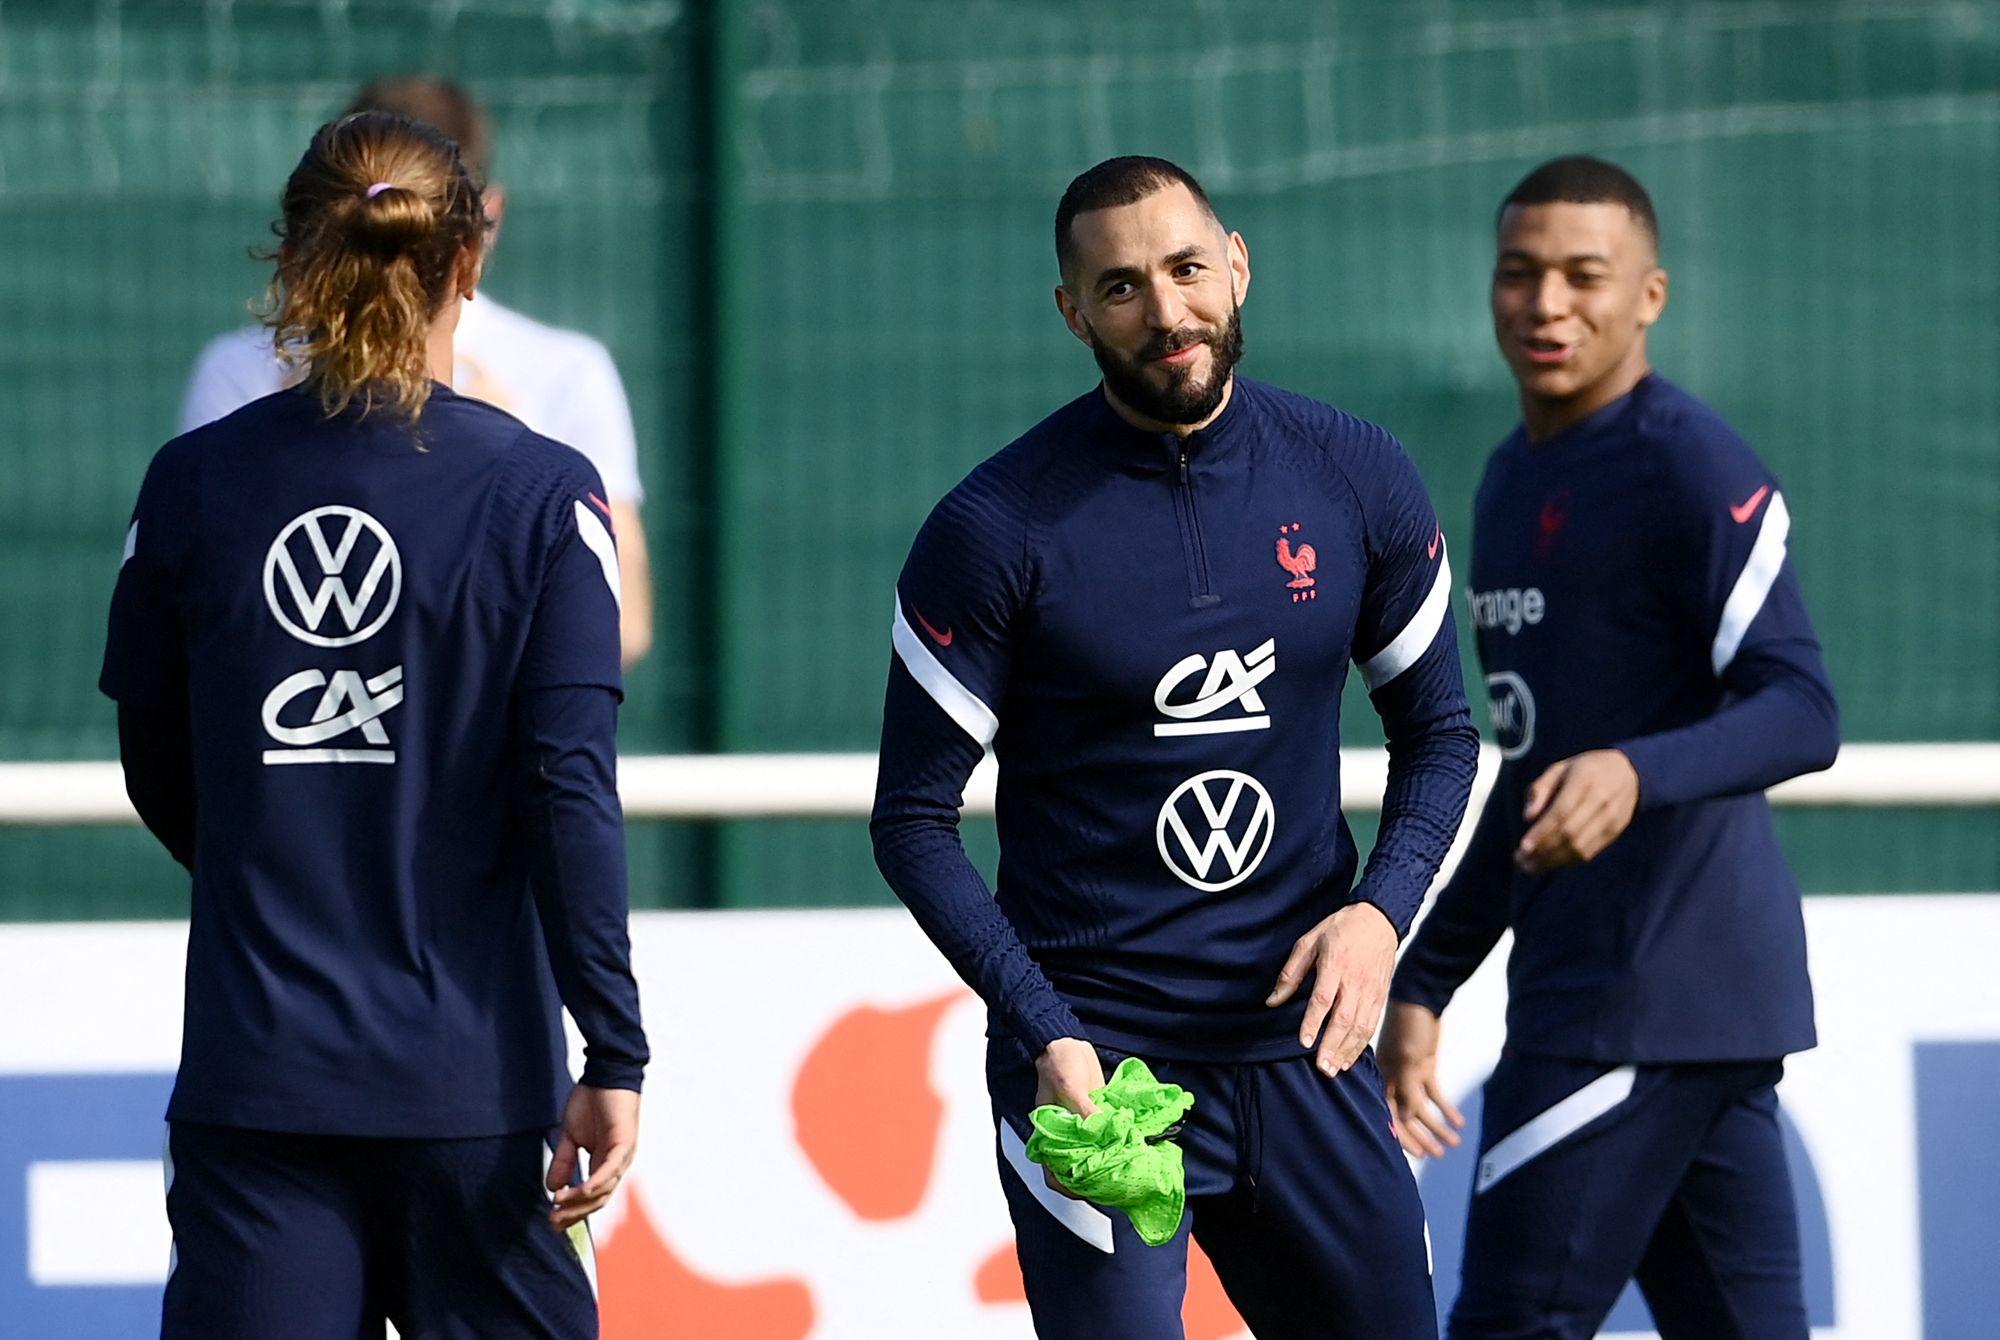 Retour de Benzema en équipe de France : 75% des français amateurs de football favorables !